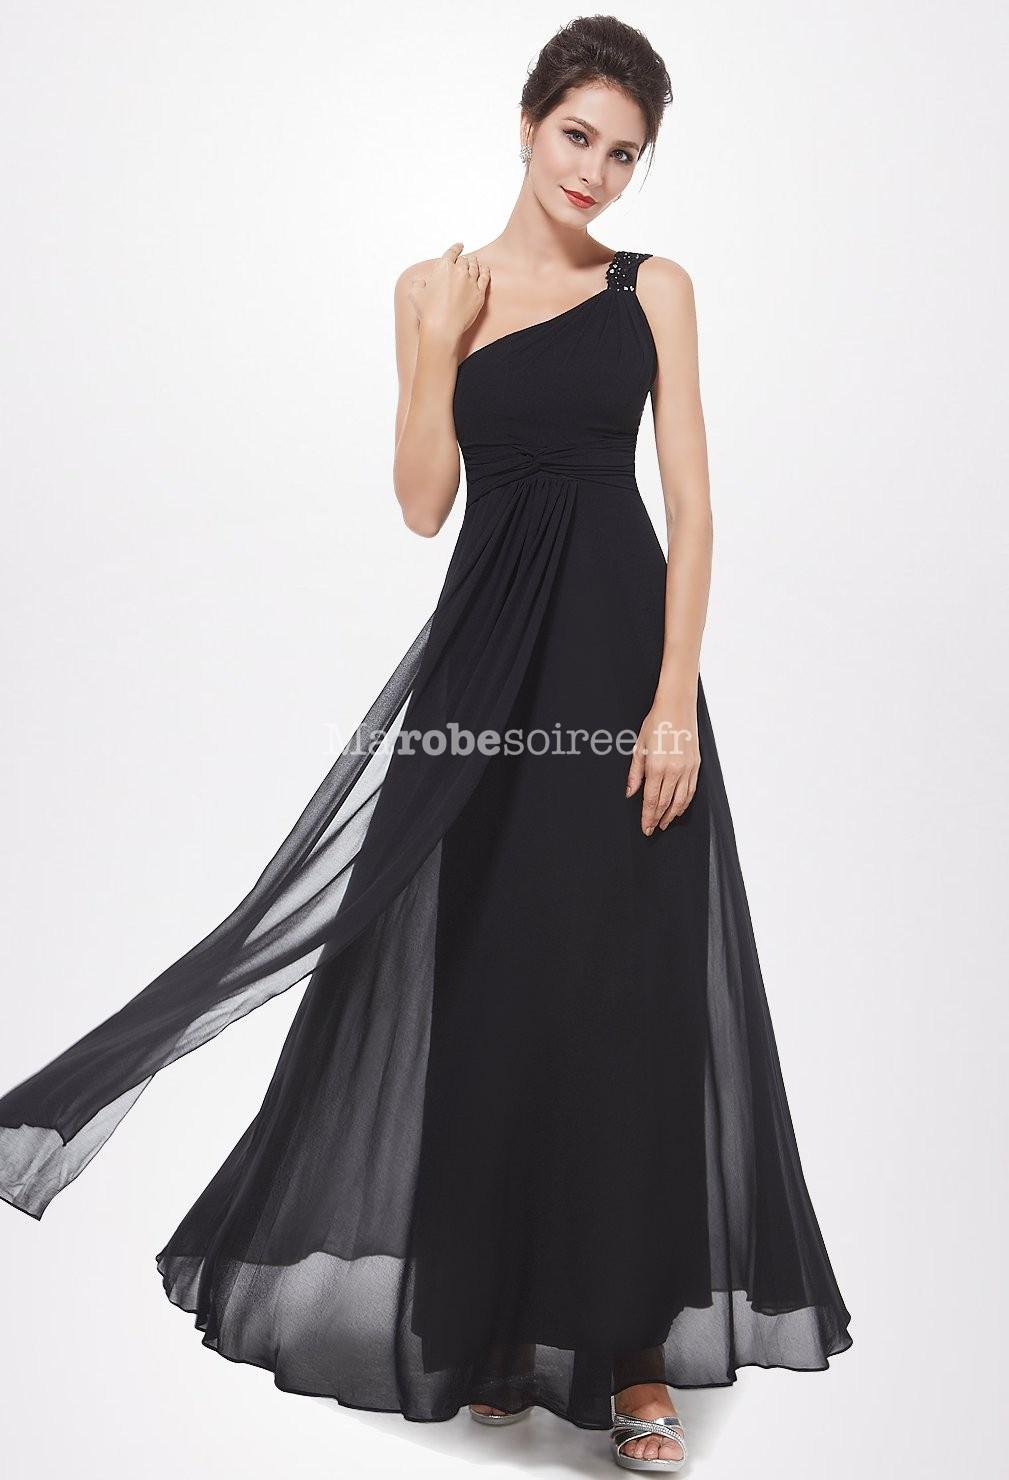 robe longue fluide. Black Bedroom Furniture Sets. Home Design Ideas